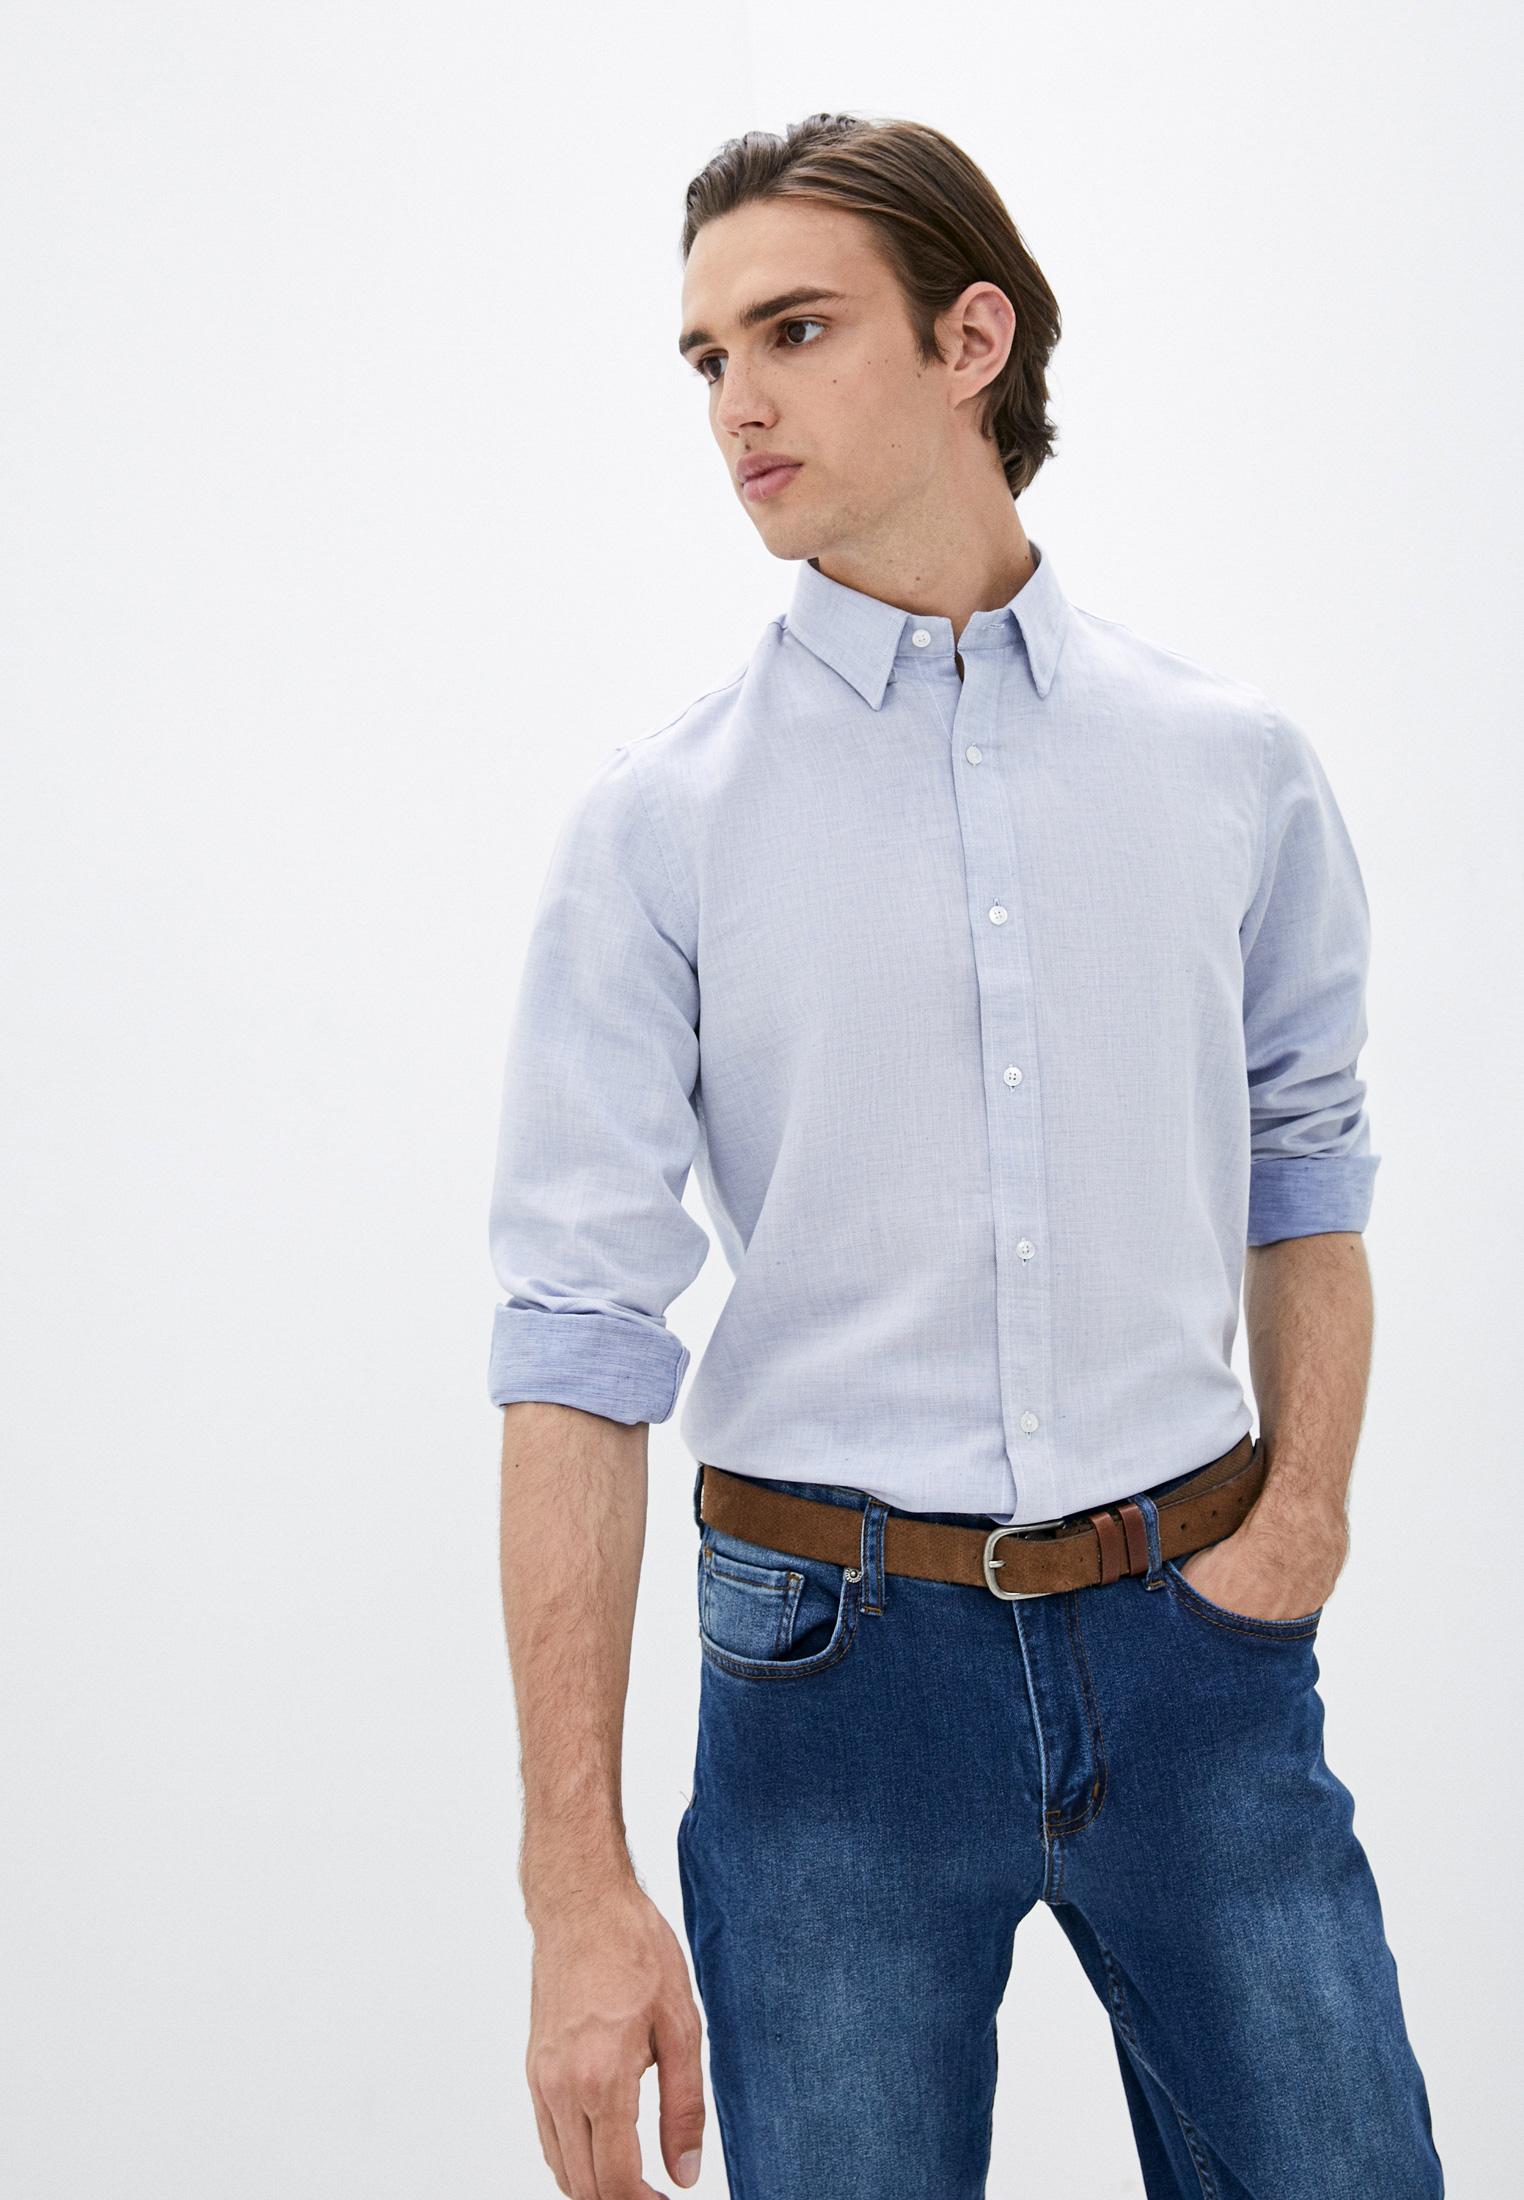 Рубашка с длинным рукавом Basics & More Рубашка Basics & More